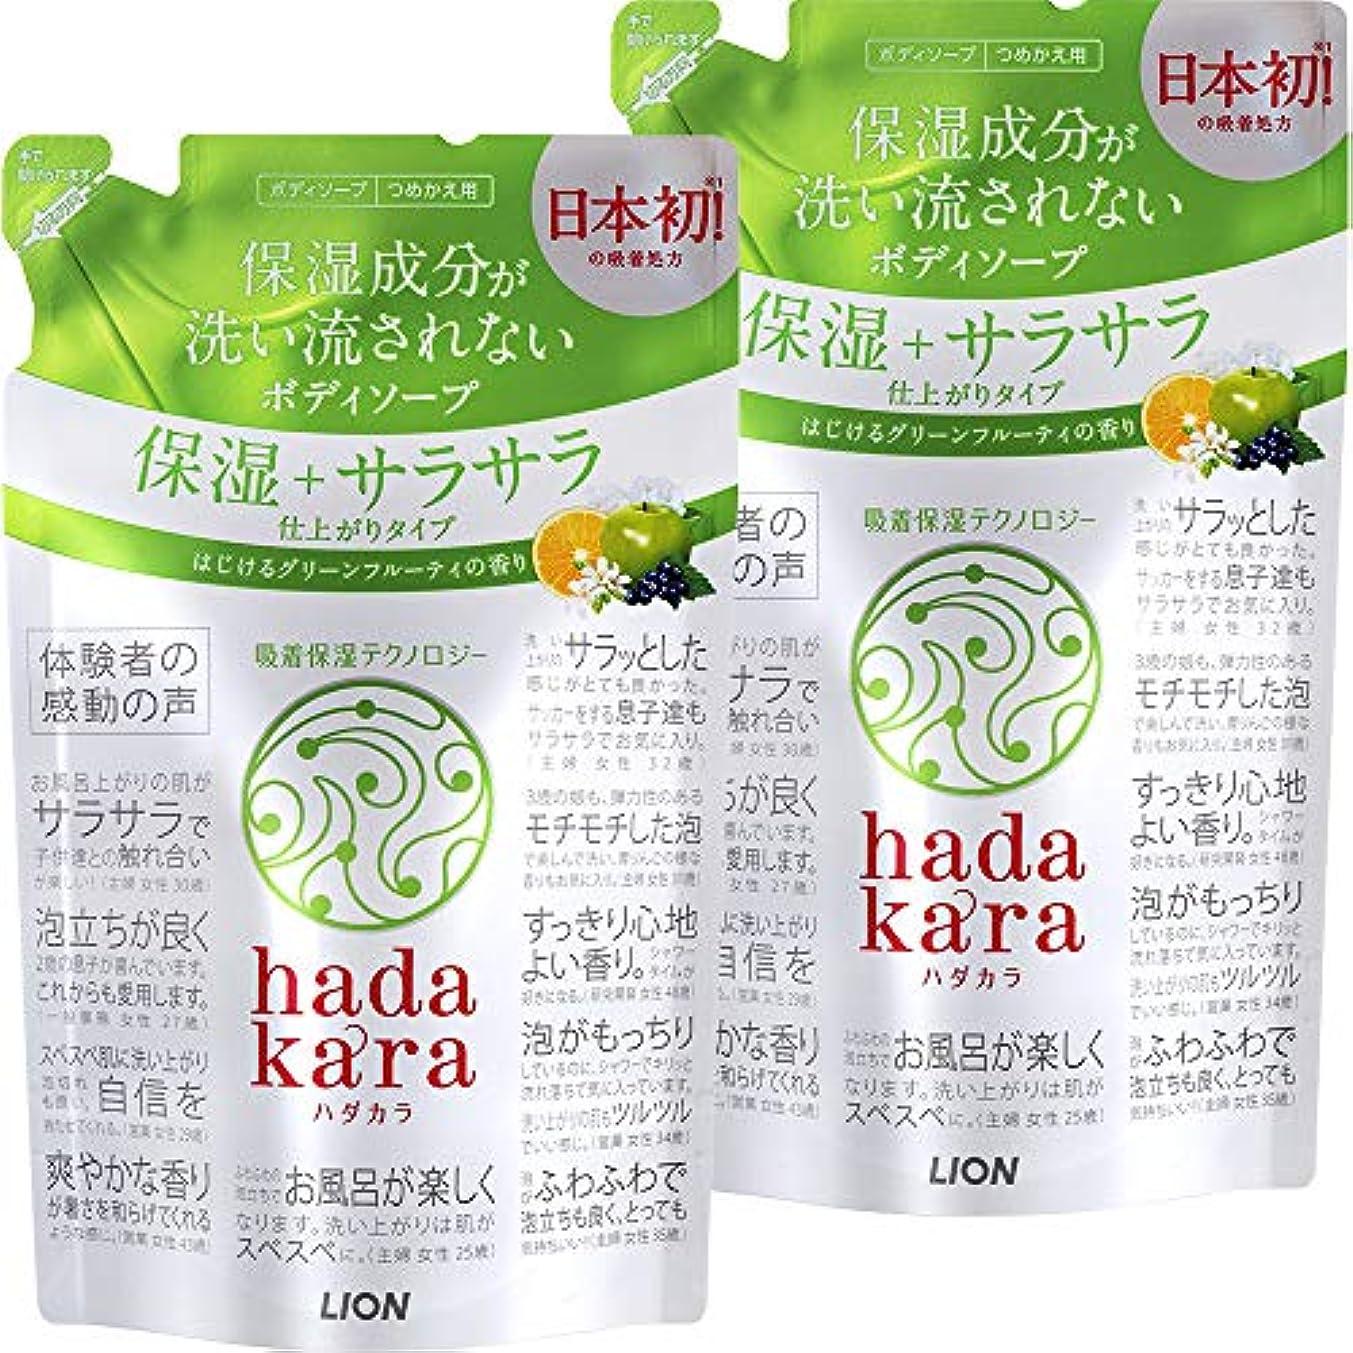 サンダーリラックスイタリック【まとめ買い】hadakara(ハダカラ) ボディソープ 保湿+サラサラ仕上がりタイプ グリーンフルーティの香り 詰め替え 340ml×2個パック